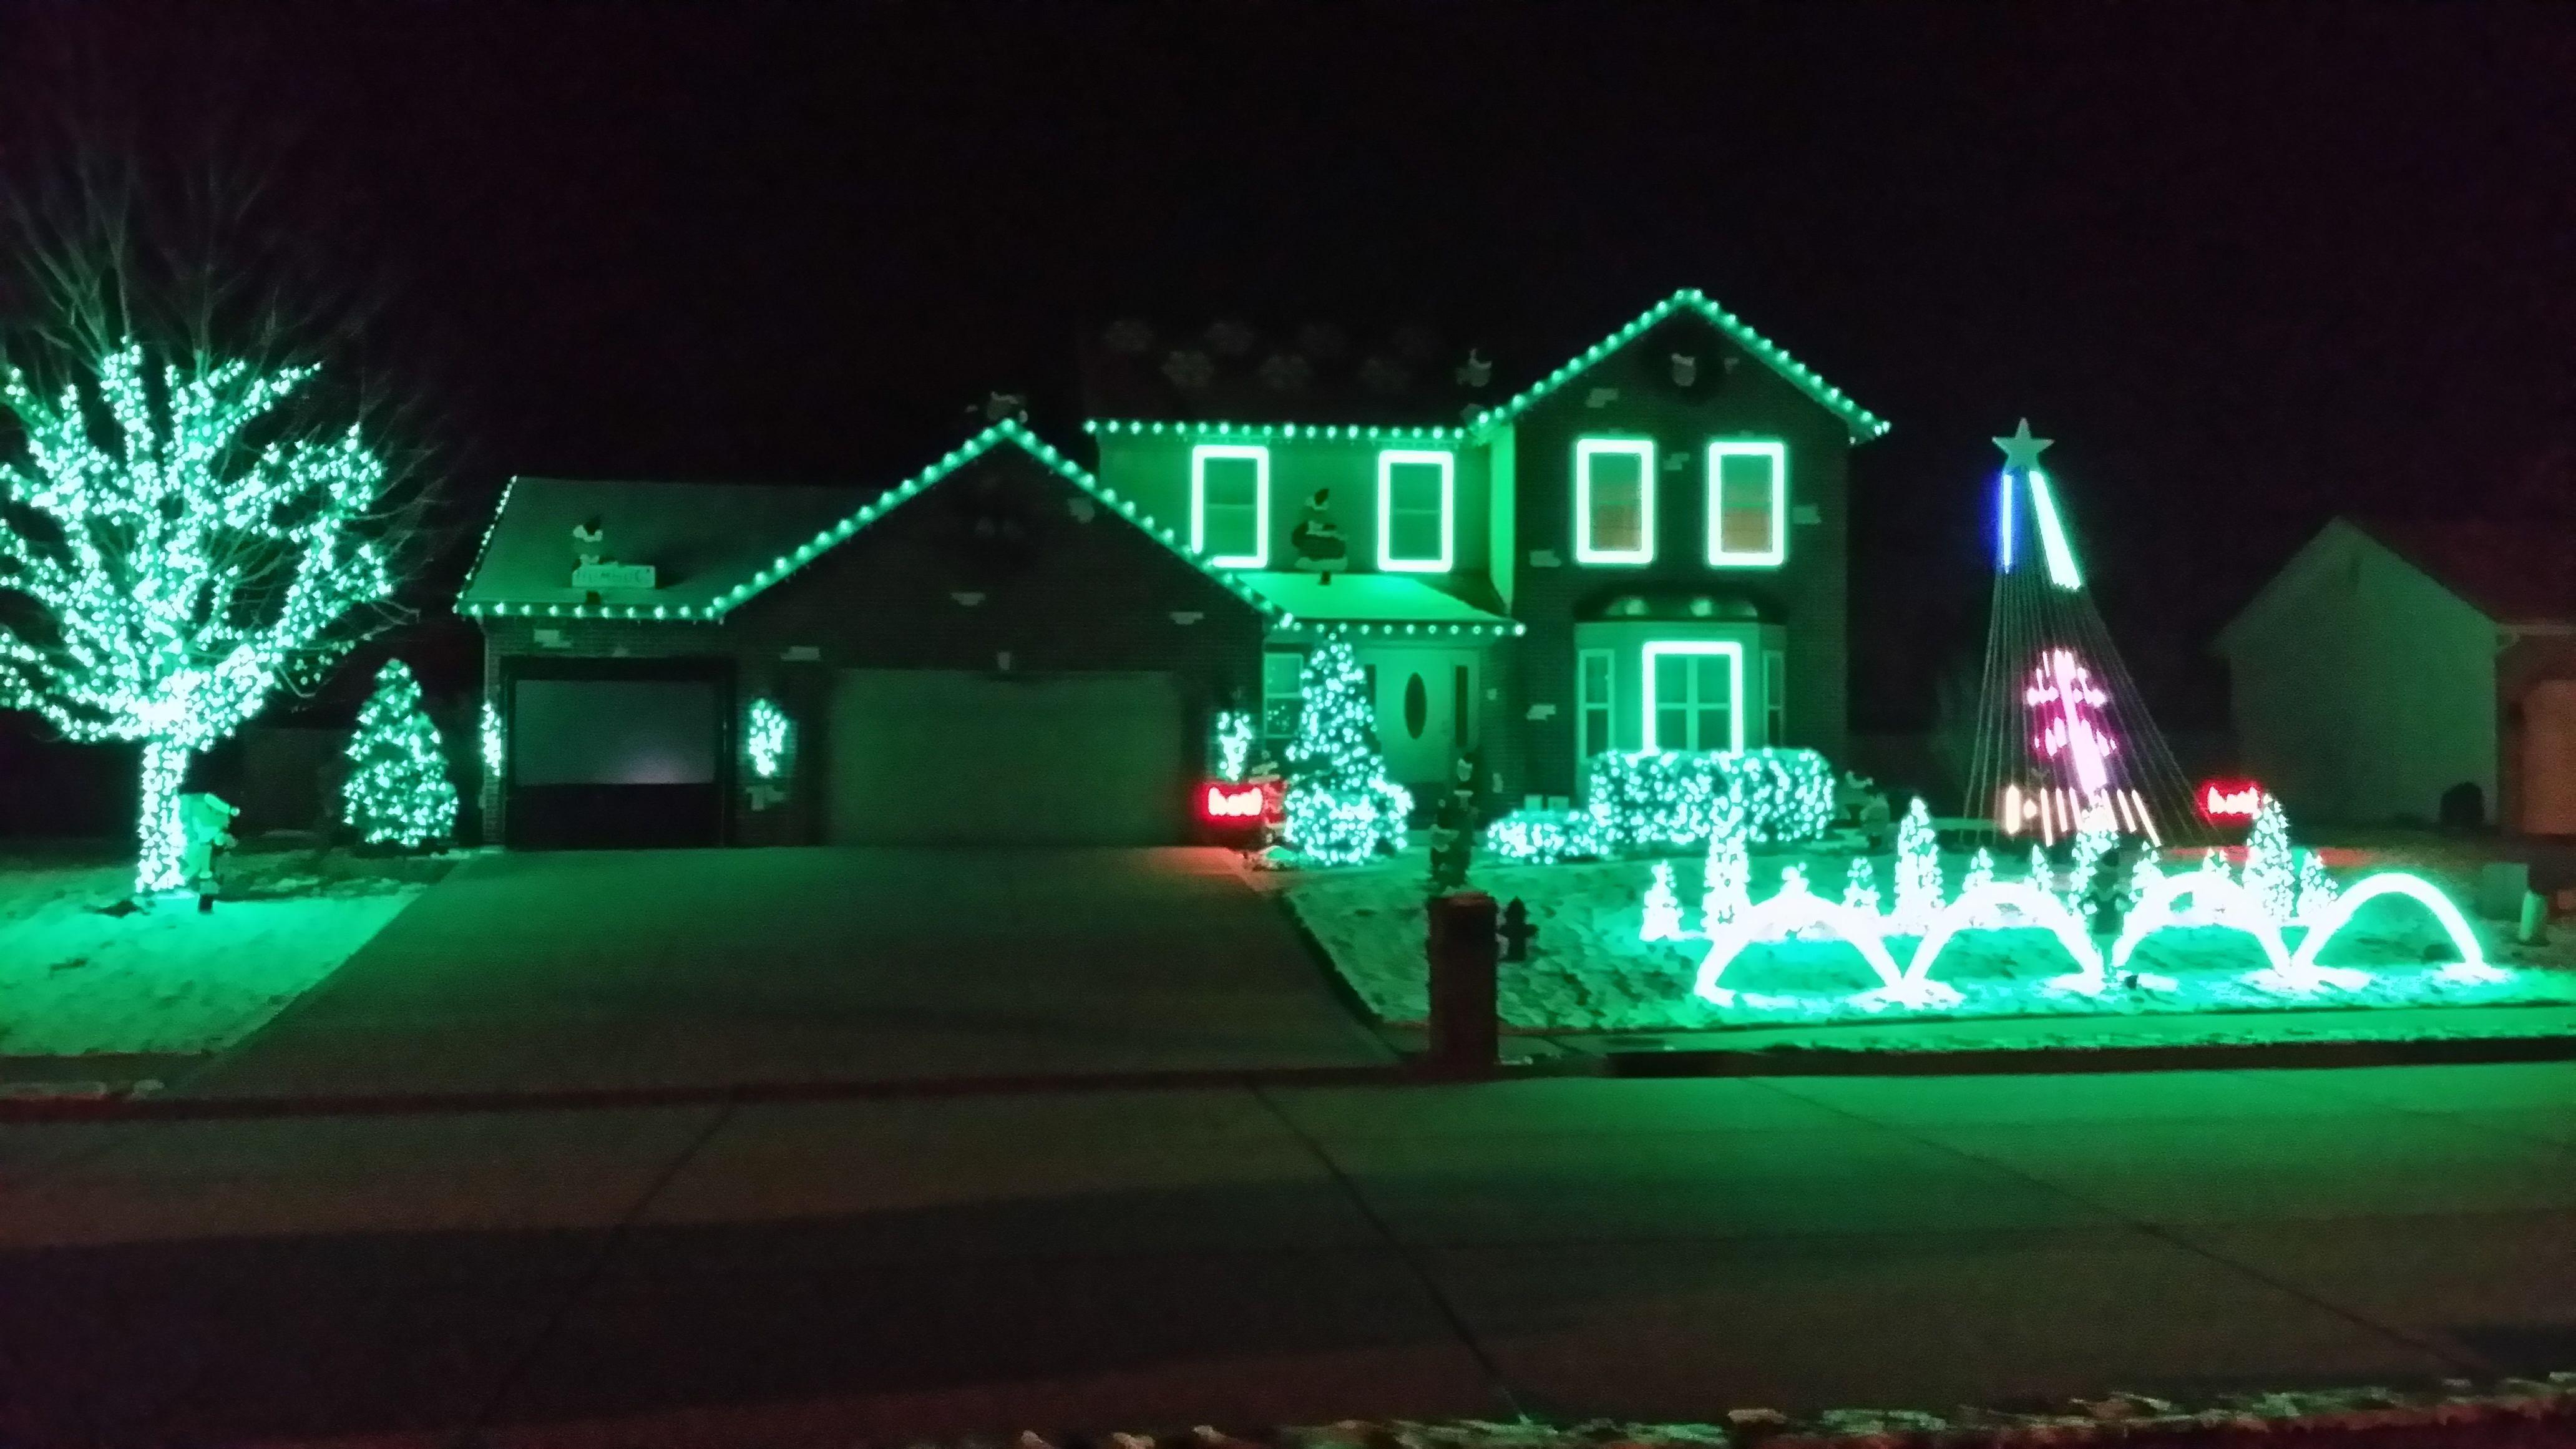 Green Christmas Lights Galore This Christmas Lights House